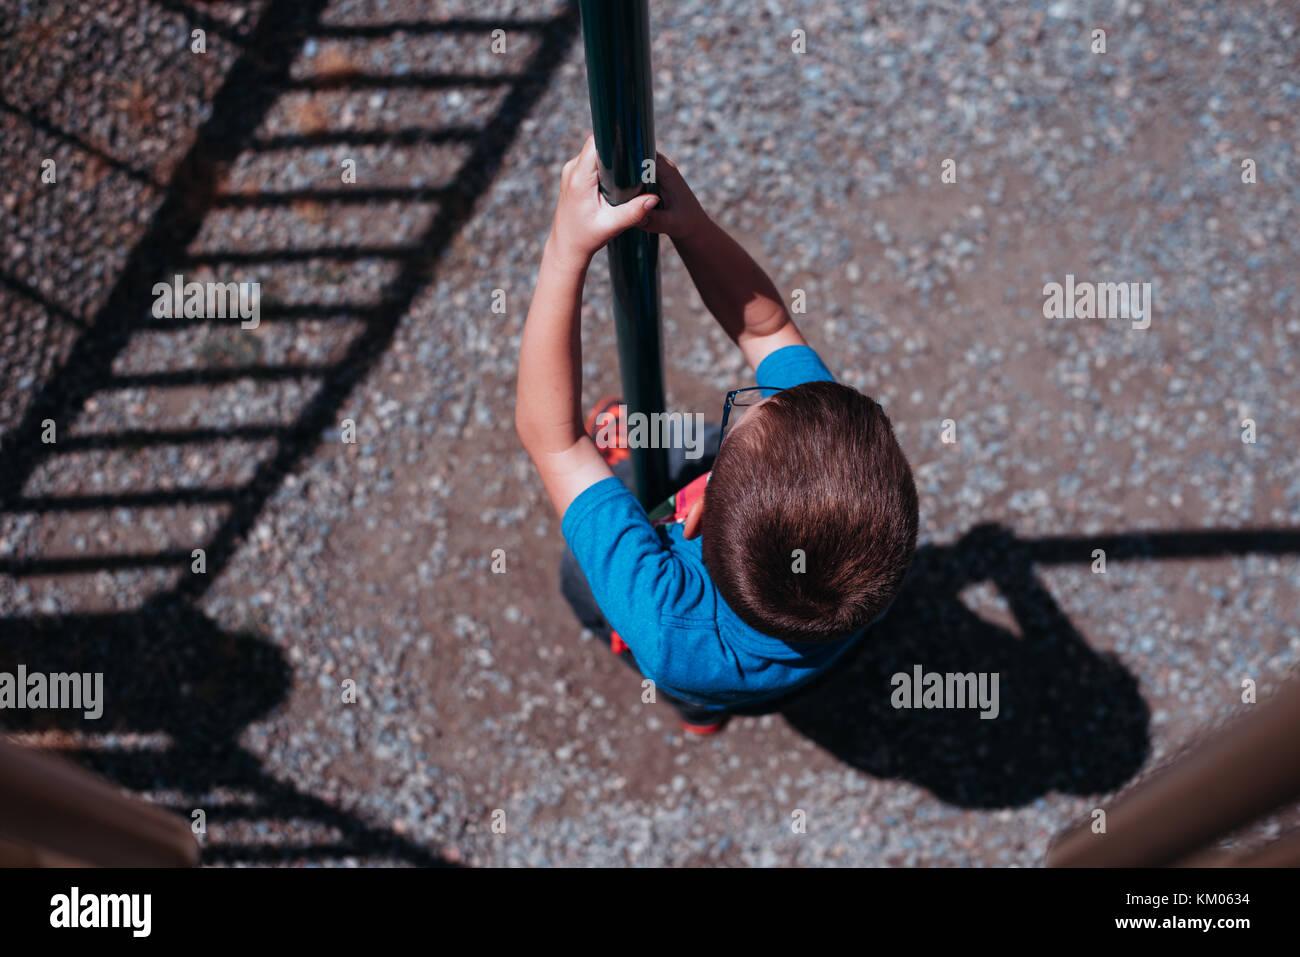 Un niño se desliza hacia abajo por un polo deslizante en un parque. Imagen De Stock